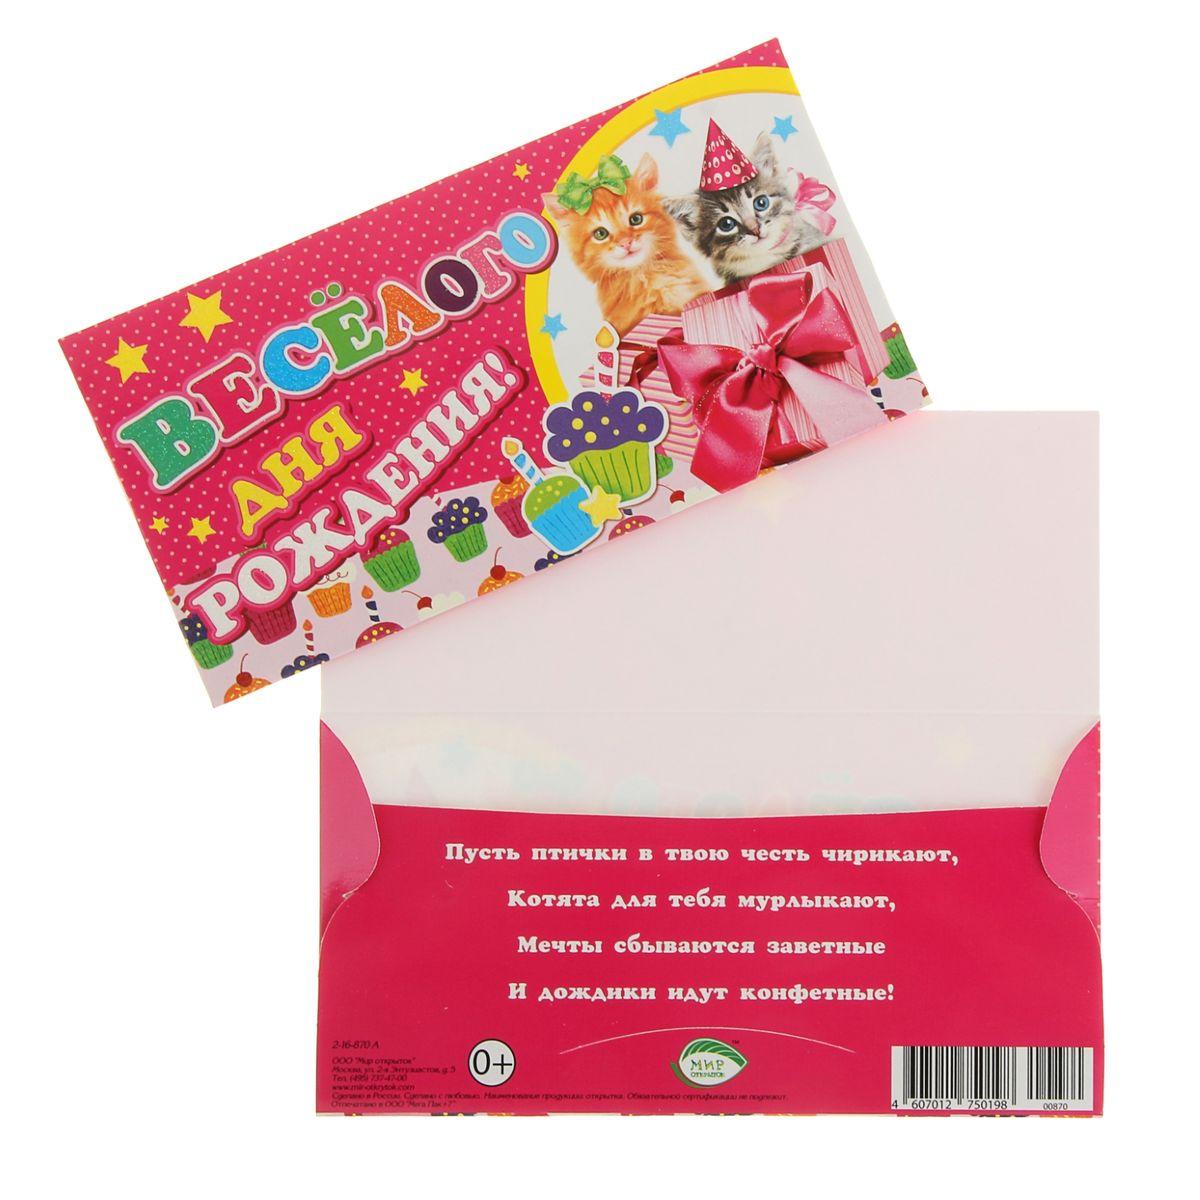 Конверт для денег Мир открыток Веселого Дня Рождения!, 16,5 х 8 см913116Конверт для денег Веселого Дня Рождения! выполнен из плотной бумаги и украшен яркой картинкой, соответствующей событию.Это необычная красивая одежка для денежного подарка, а так же отличная возможность сделать его более праздничным и создать прекрасное настроение!Конверт Веселого Дня Рождения! - идеальное решение, если вы хотите подарить деньги.